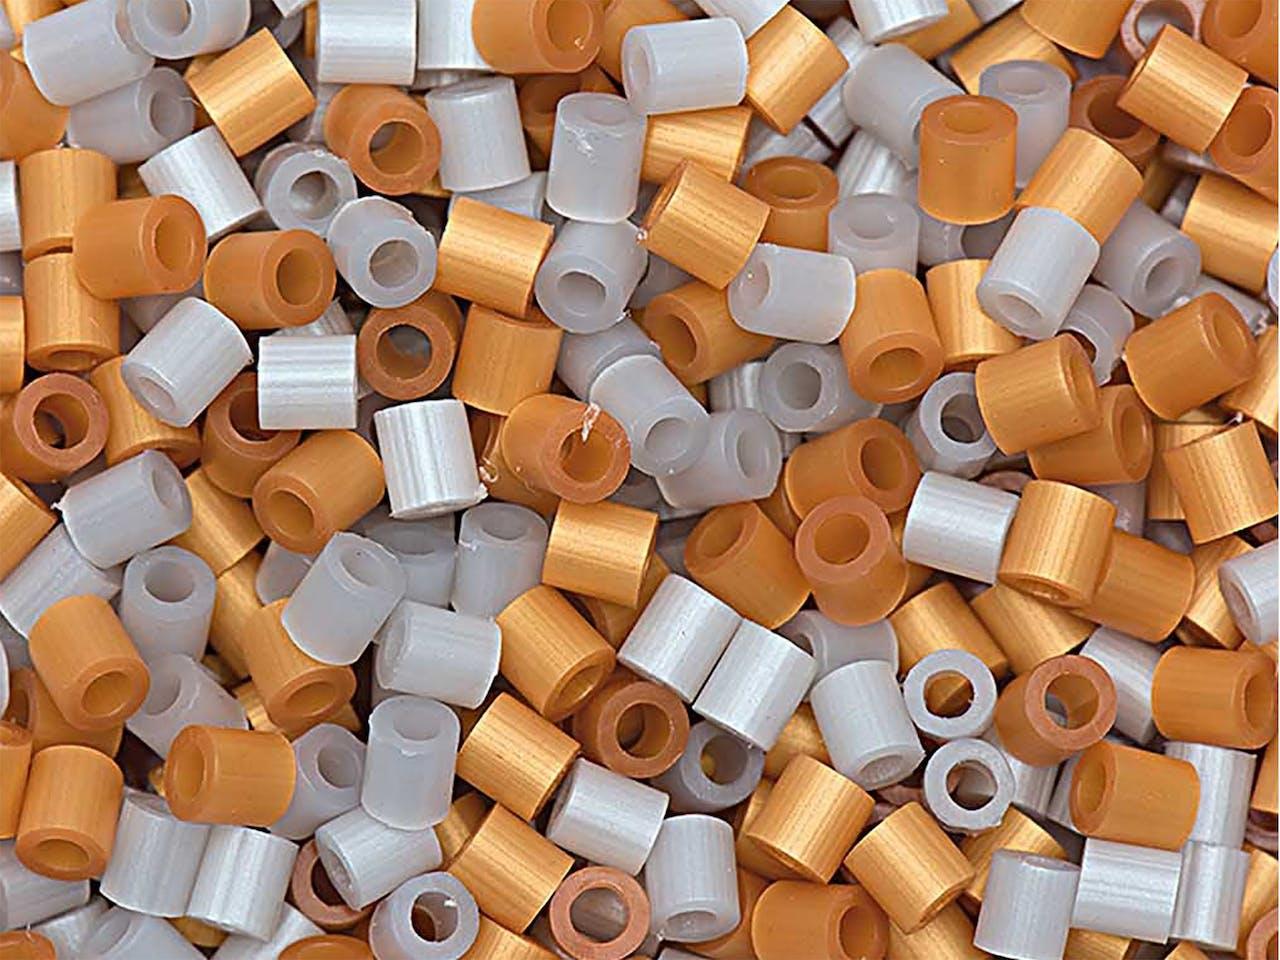 Bügelperlen Mix, 50 x 50 mm, ca. 1000 Stück, gold/silber